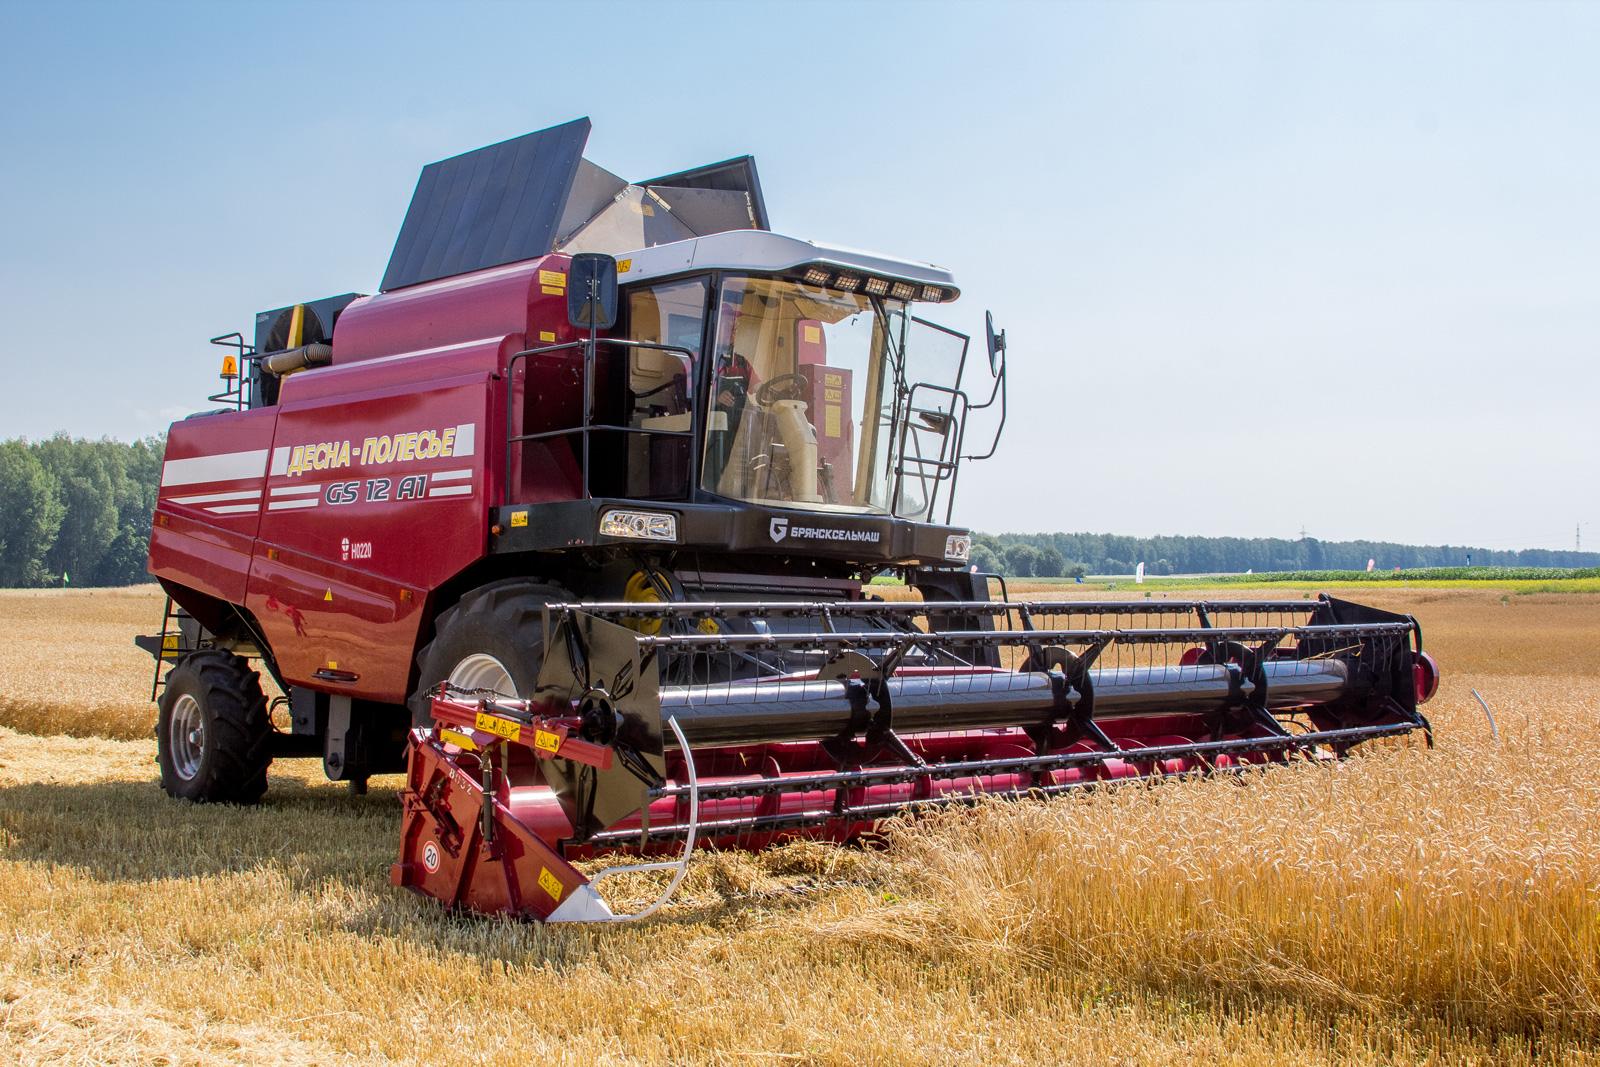 Зерноуборочный комбайн GS-12 A1